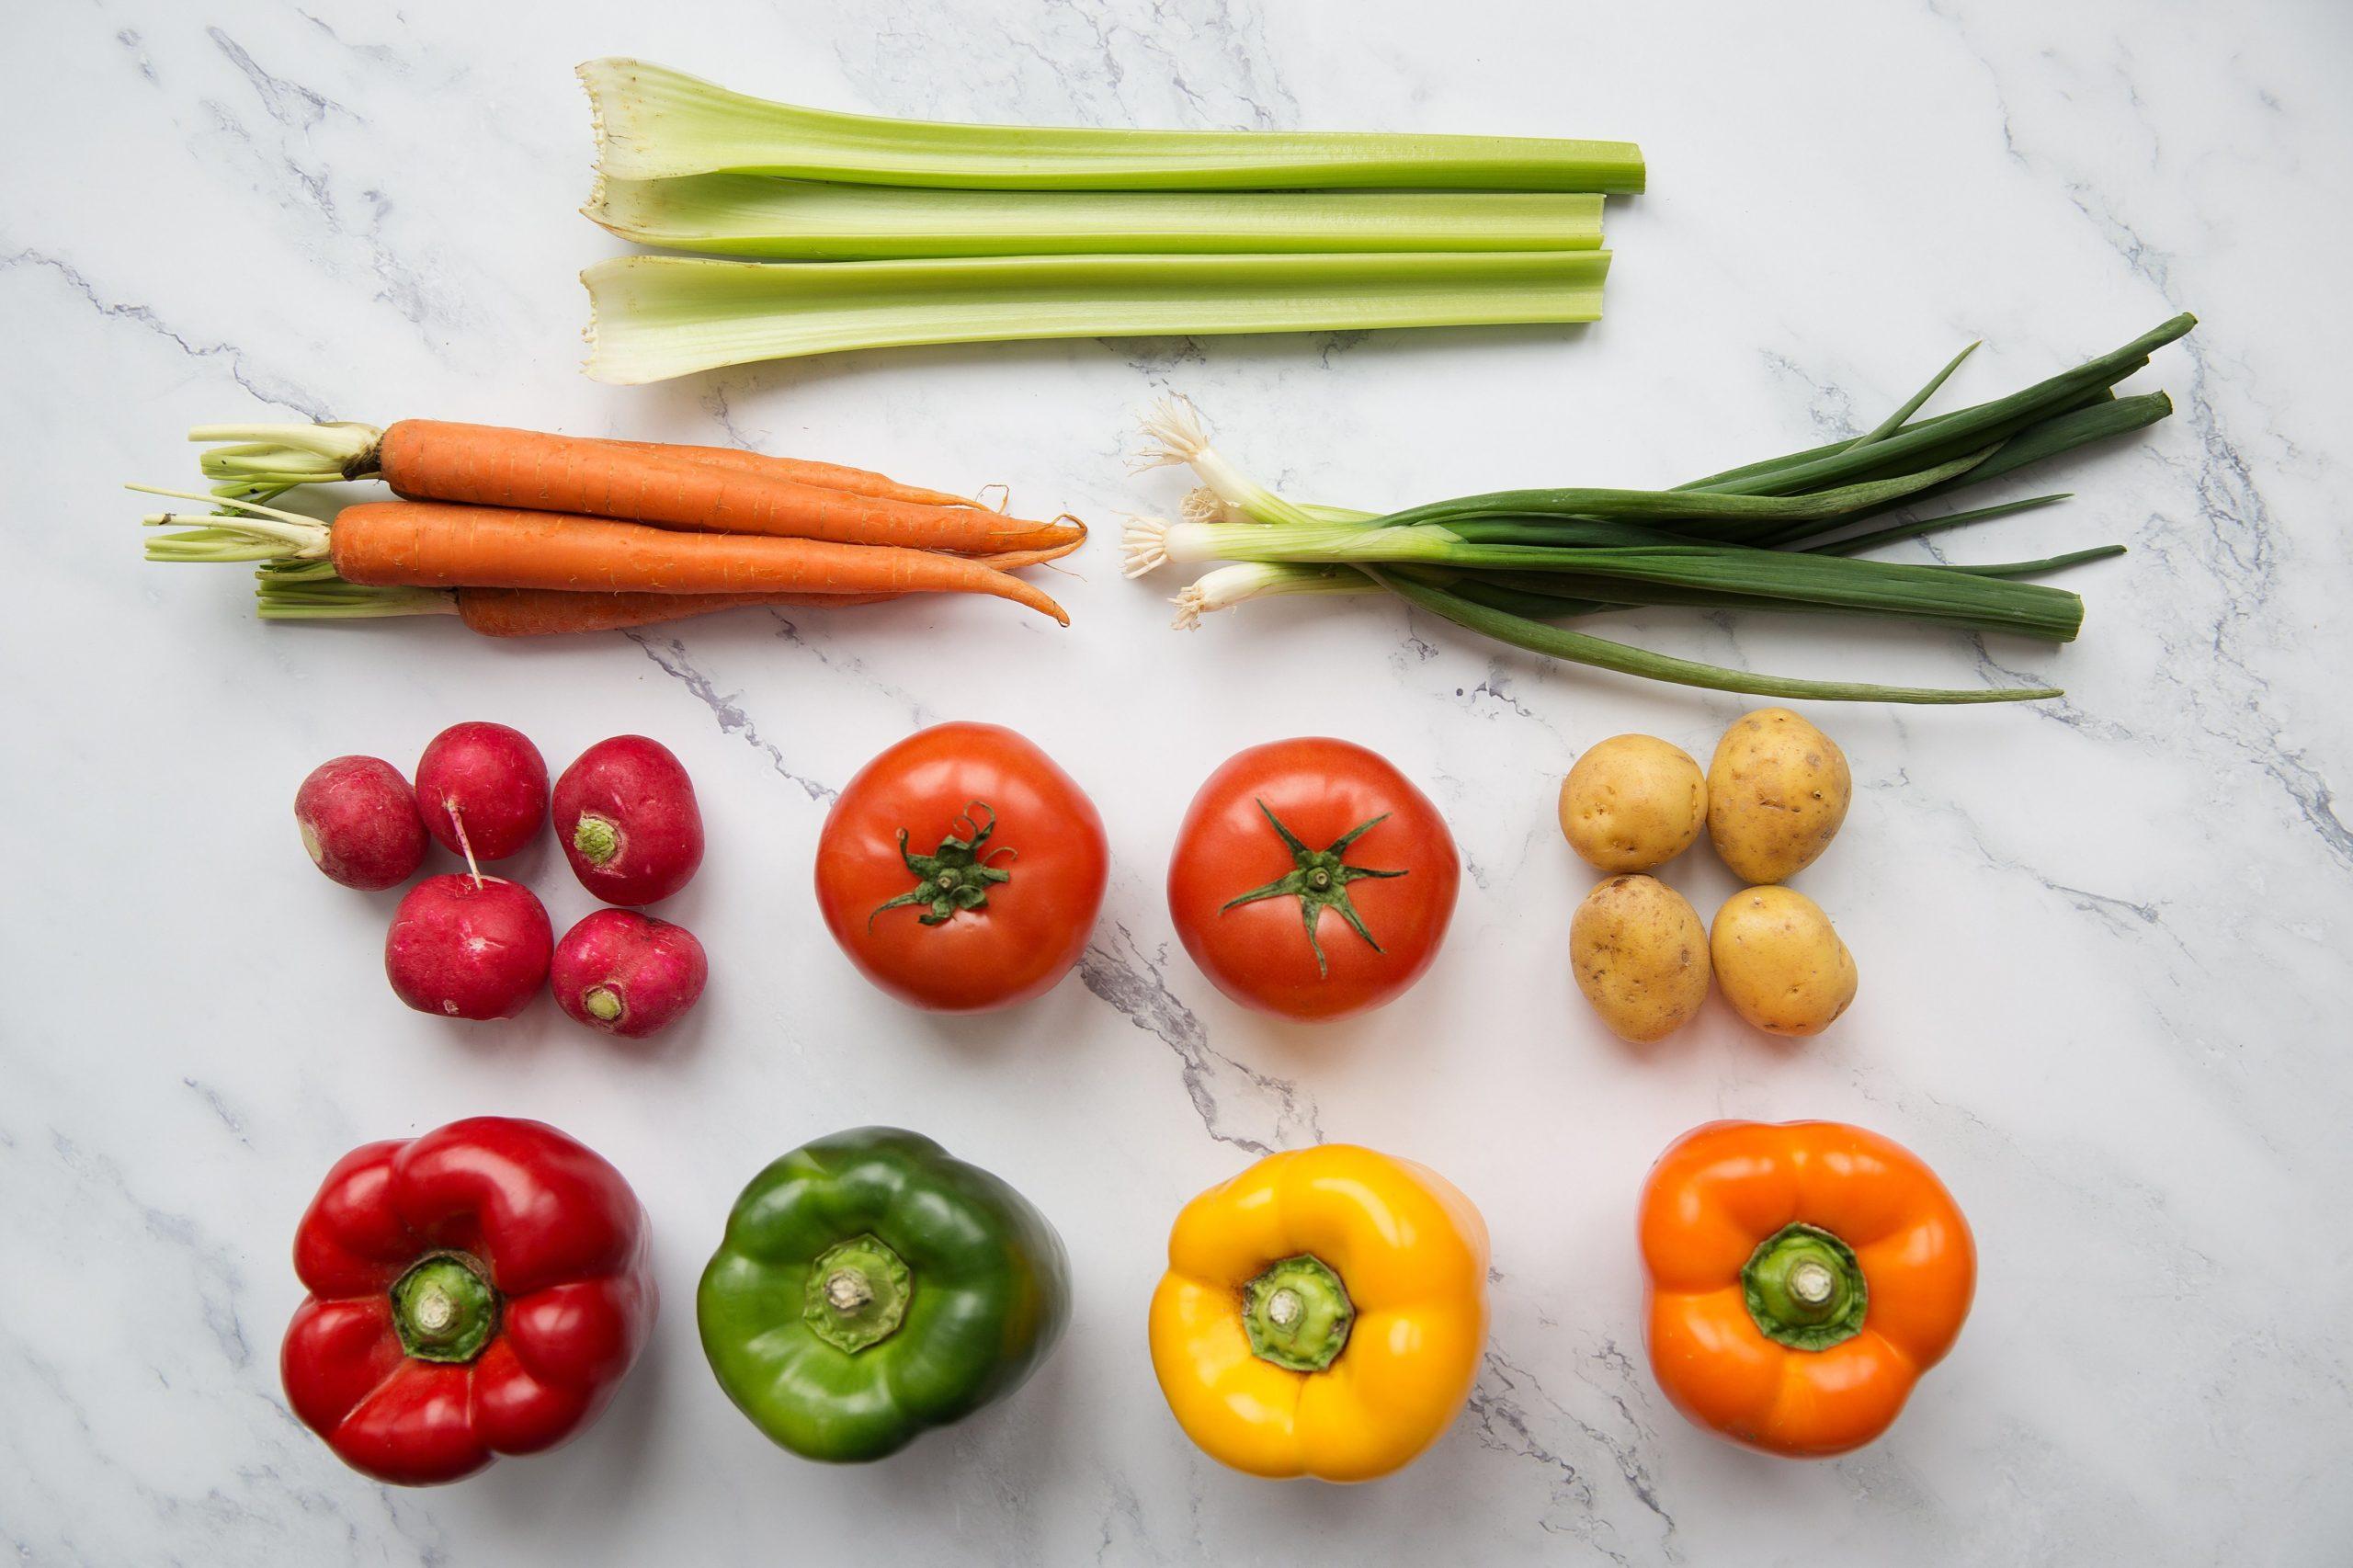 fresh-vegetables-arranged-on-chopping-board-flatlay